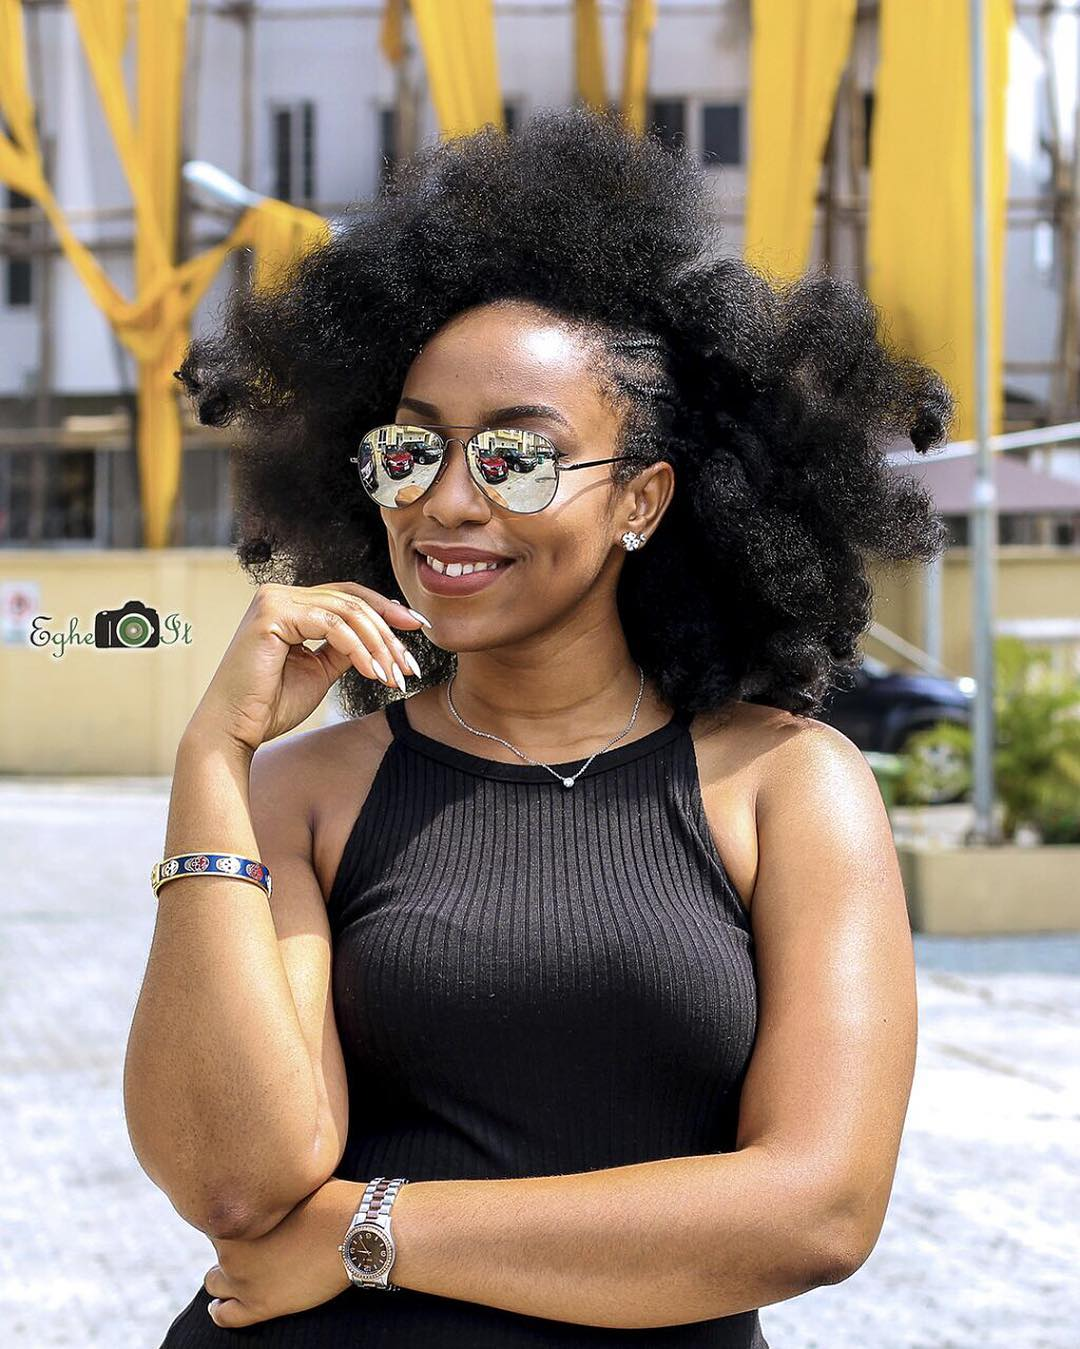 Eki ogunbor @thechameleonblogger